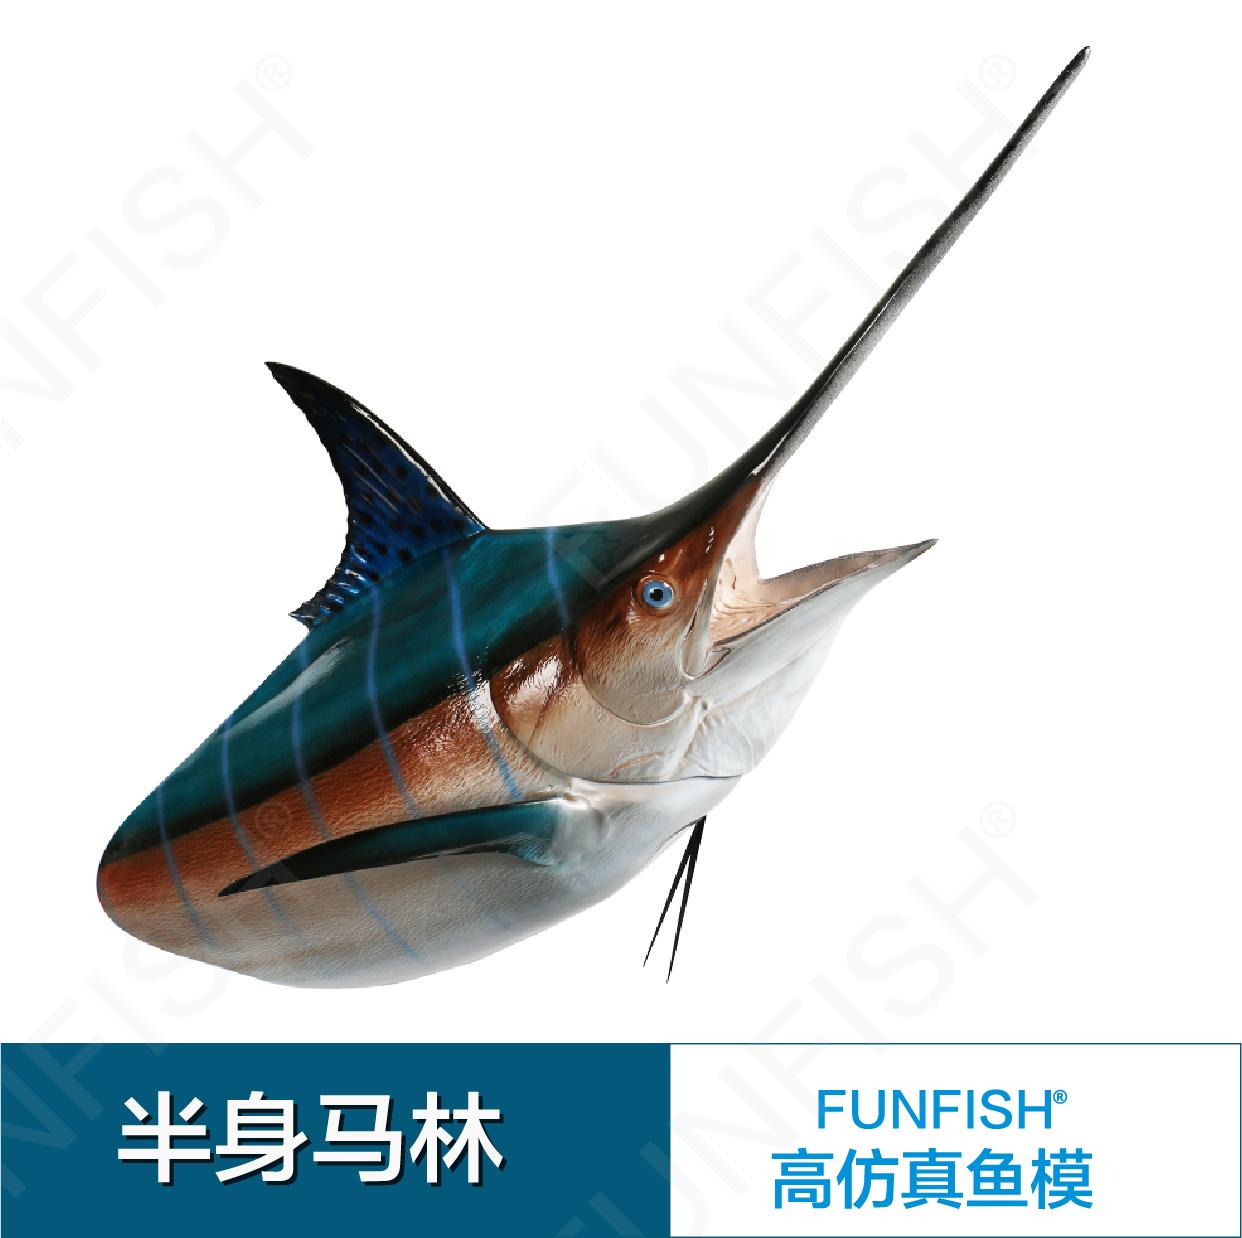 马林鱼模 半身马林 鱼模型 壁饰海洋 立体装饰品马林鱼模型装饰